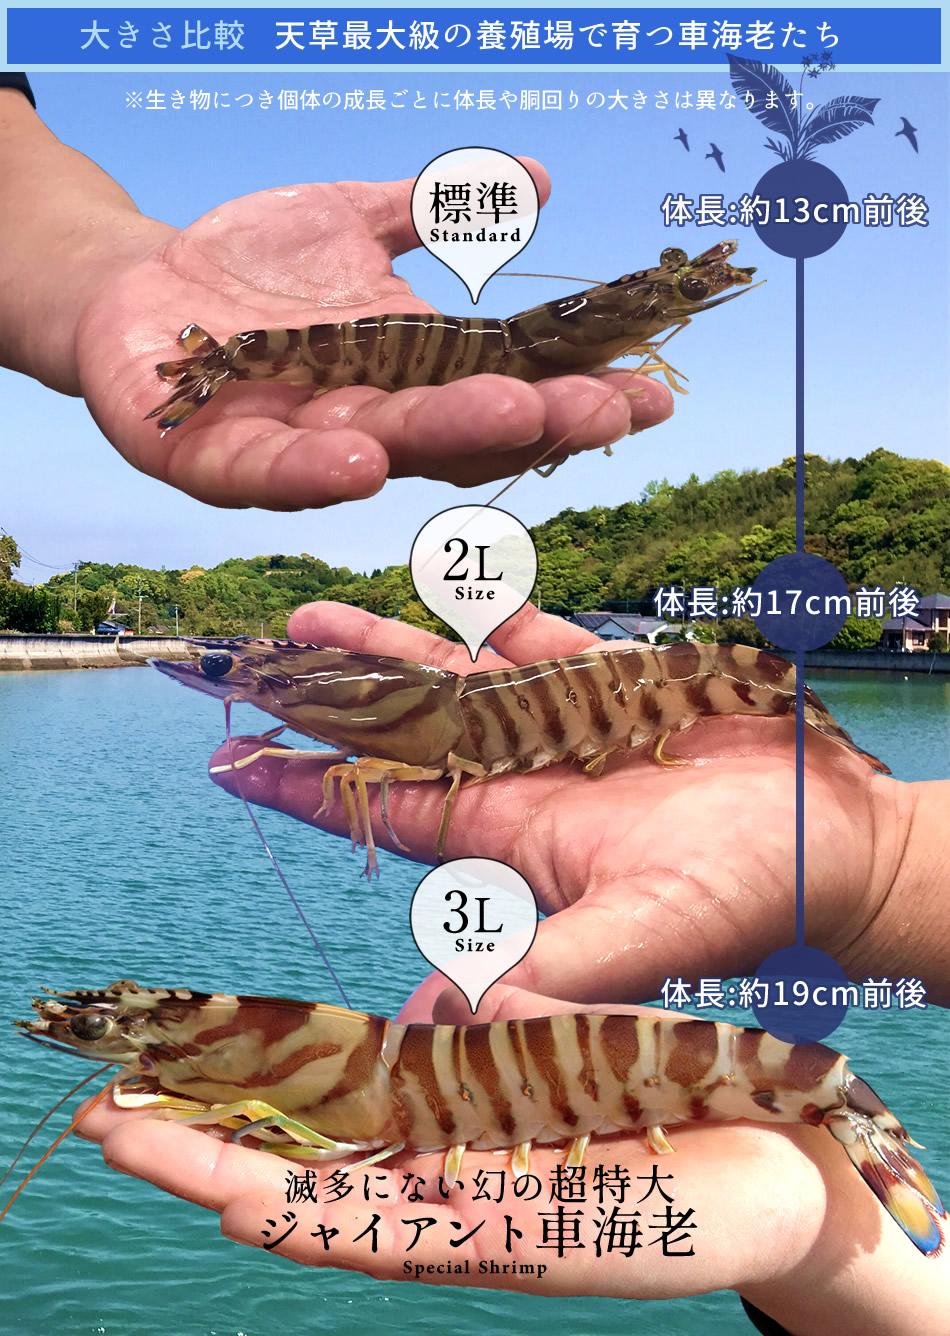 車海老の大きさサイズ比較